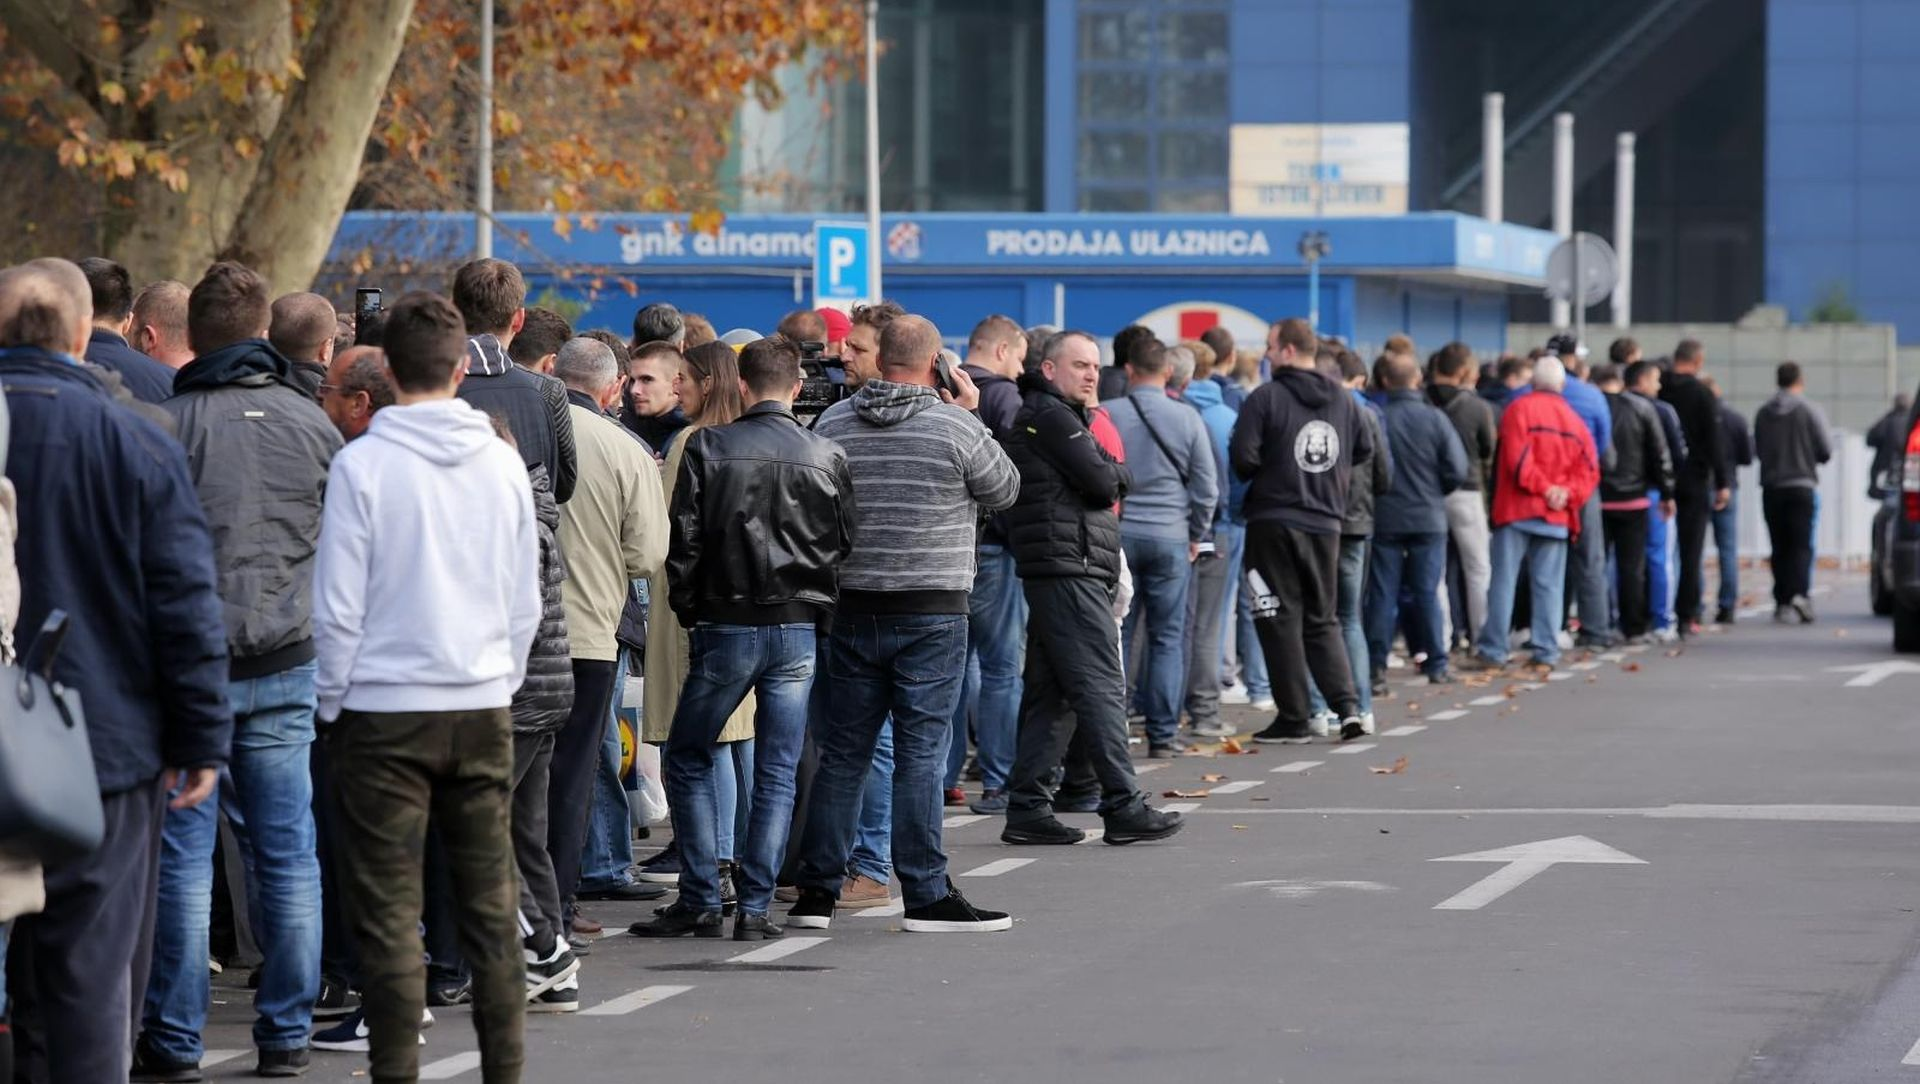 FOTO: U prodaji ulaznice za Spartak, velik broj navijača ispred Maksimira